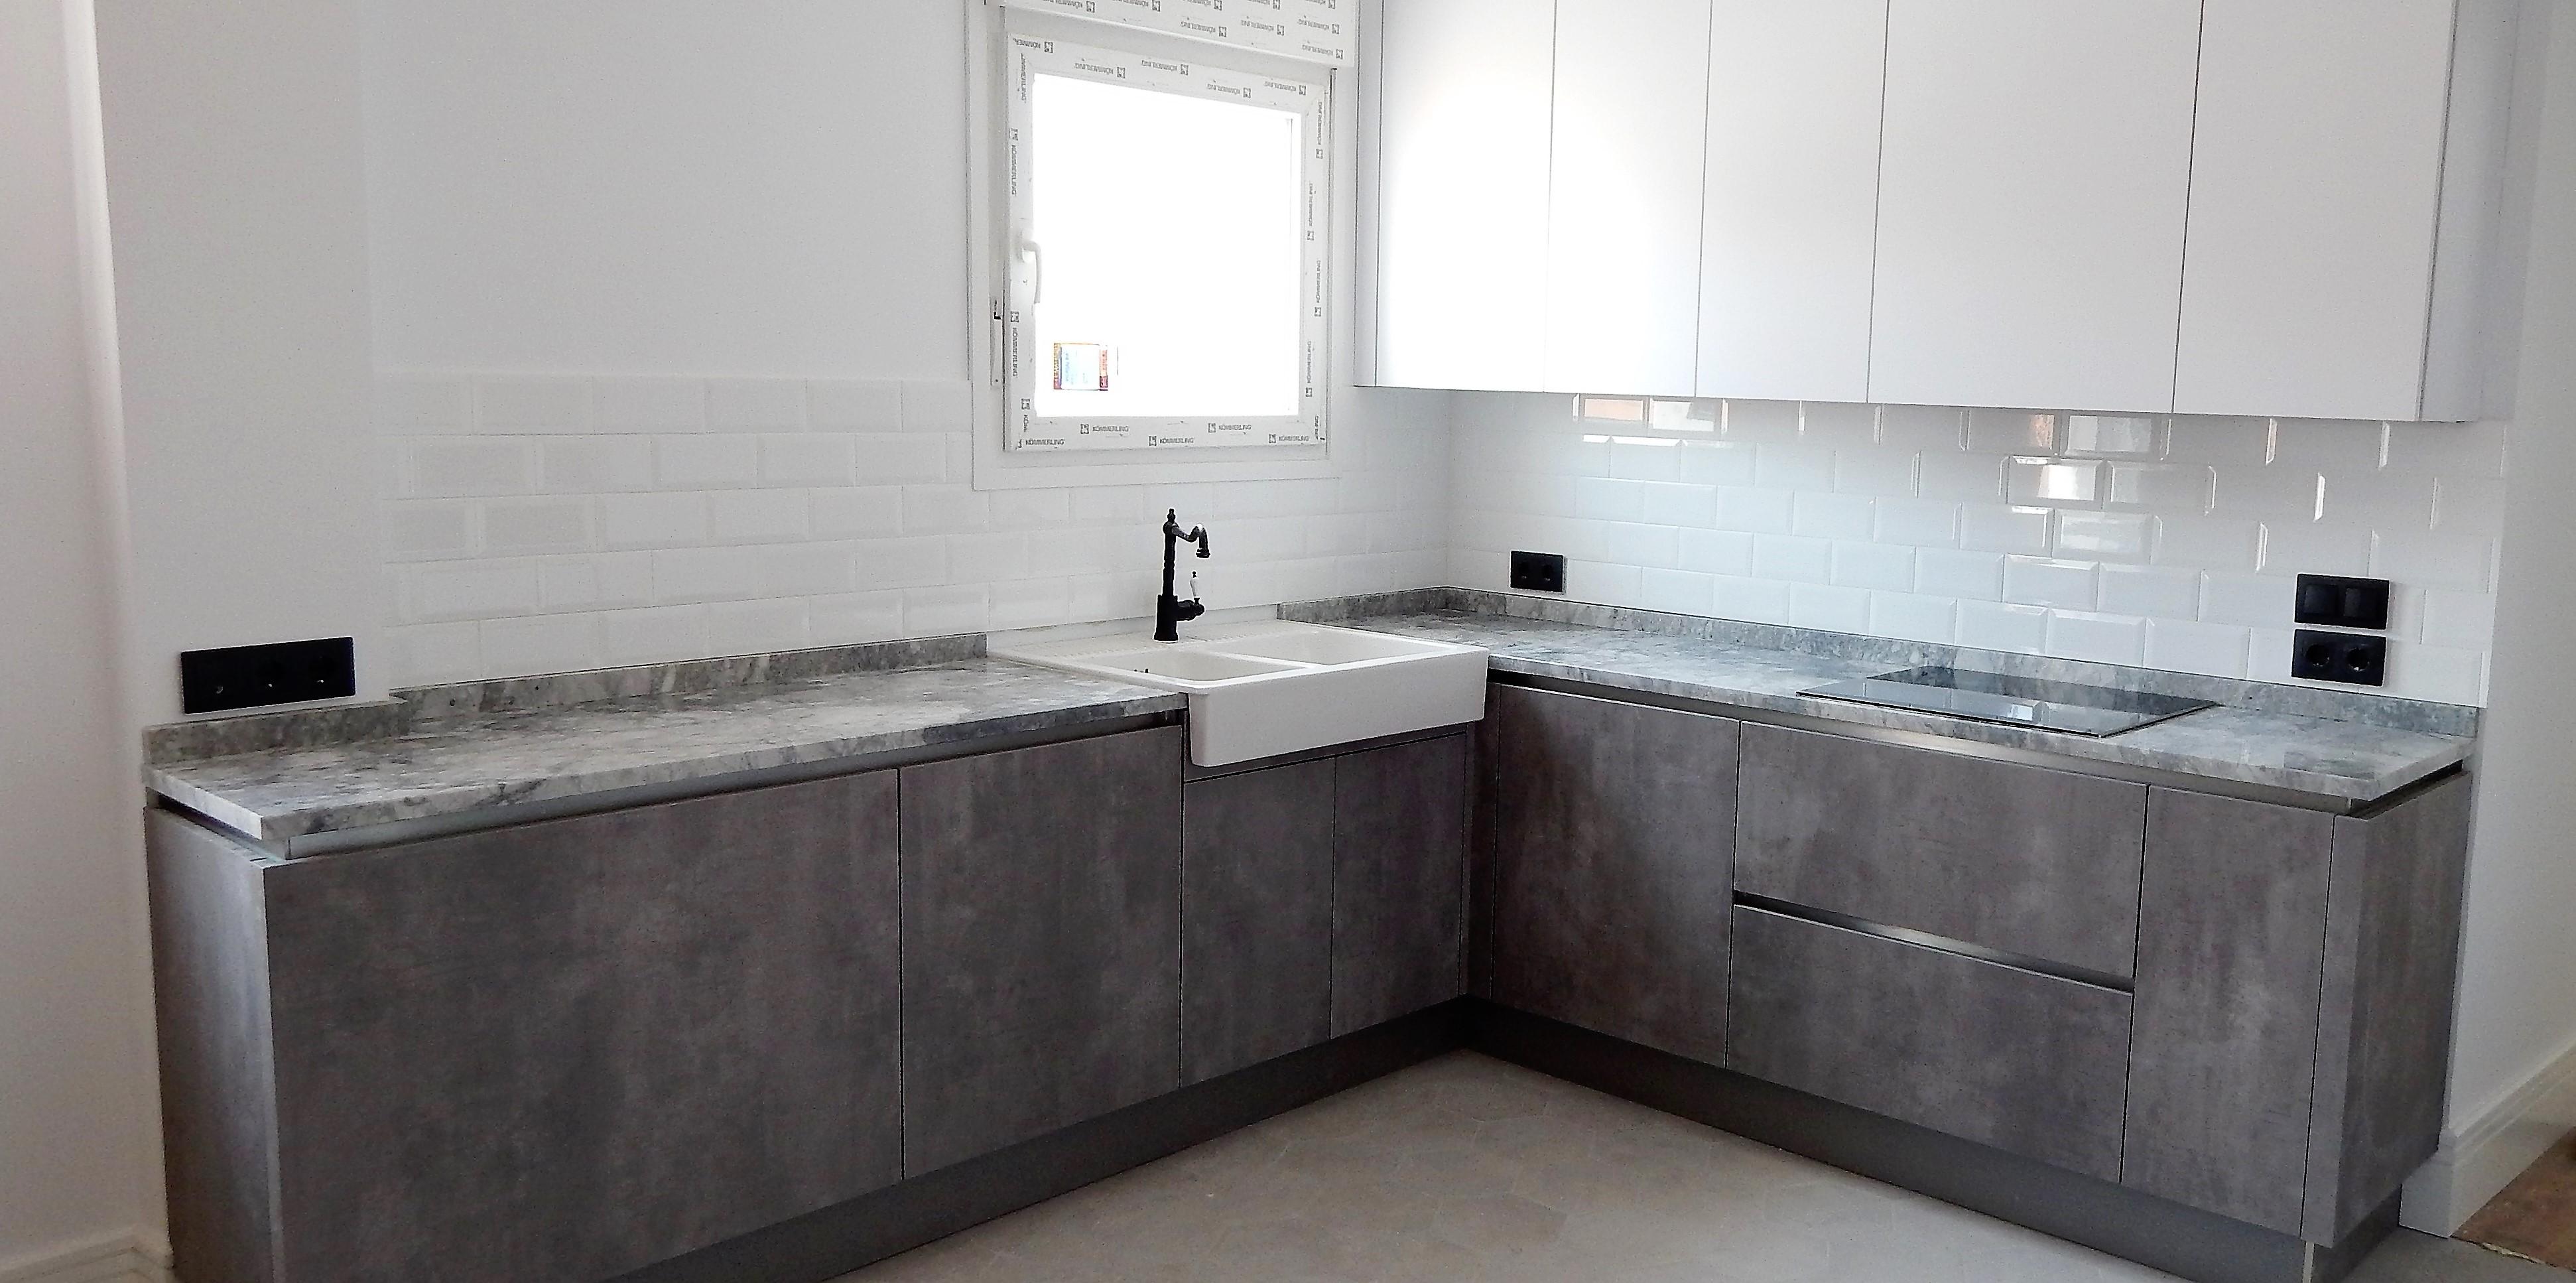 Muebles de cocina blanco y hormign gris perla